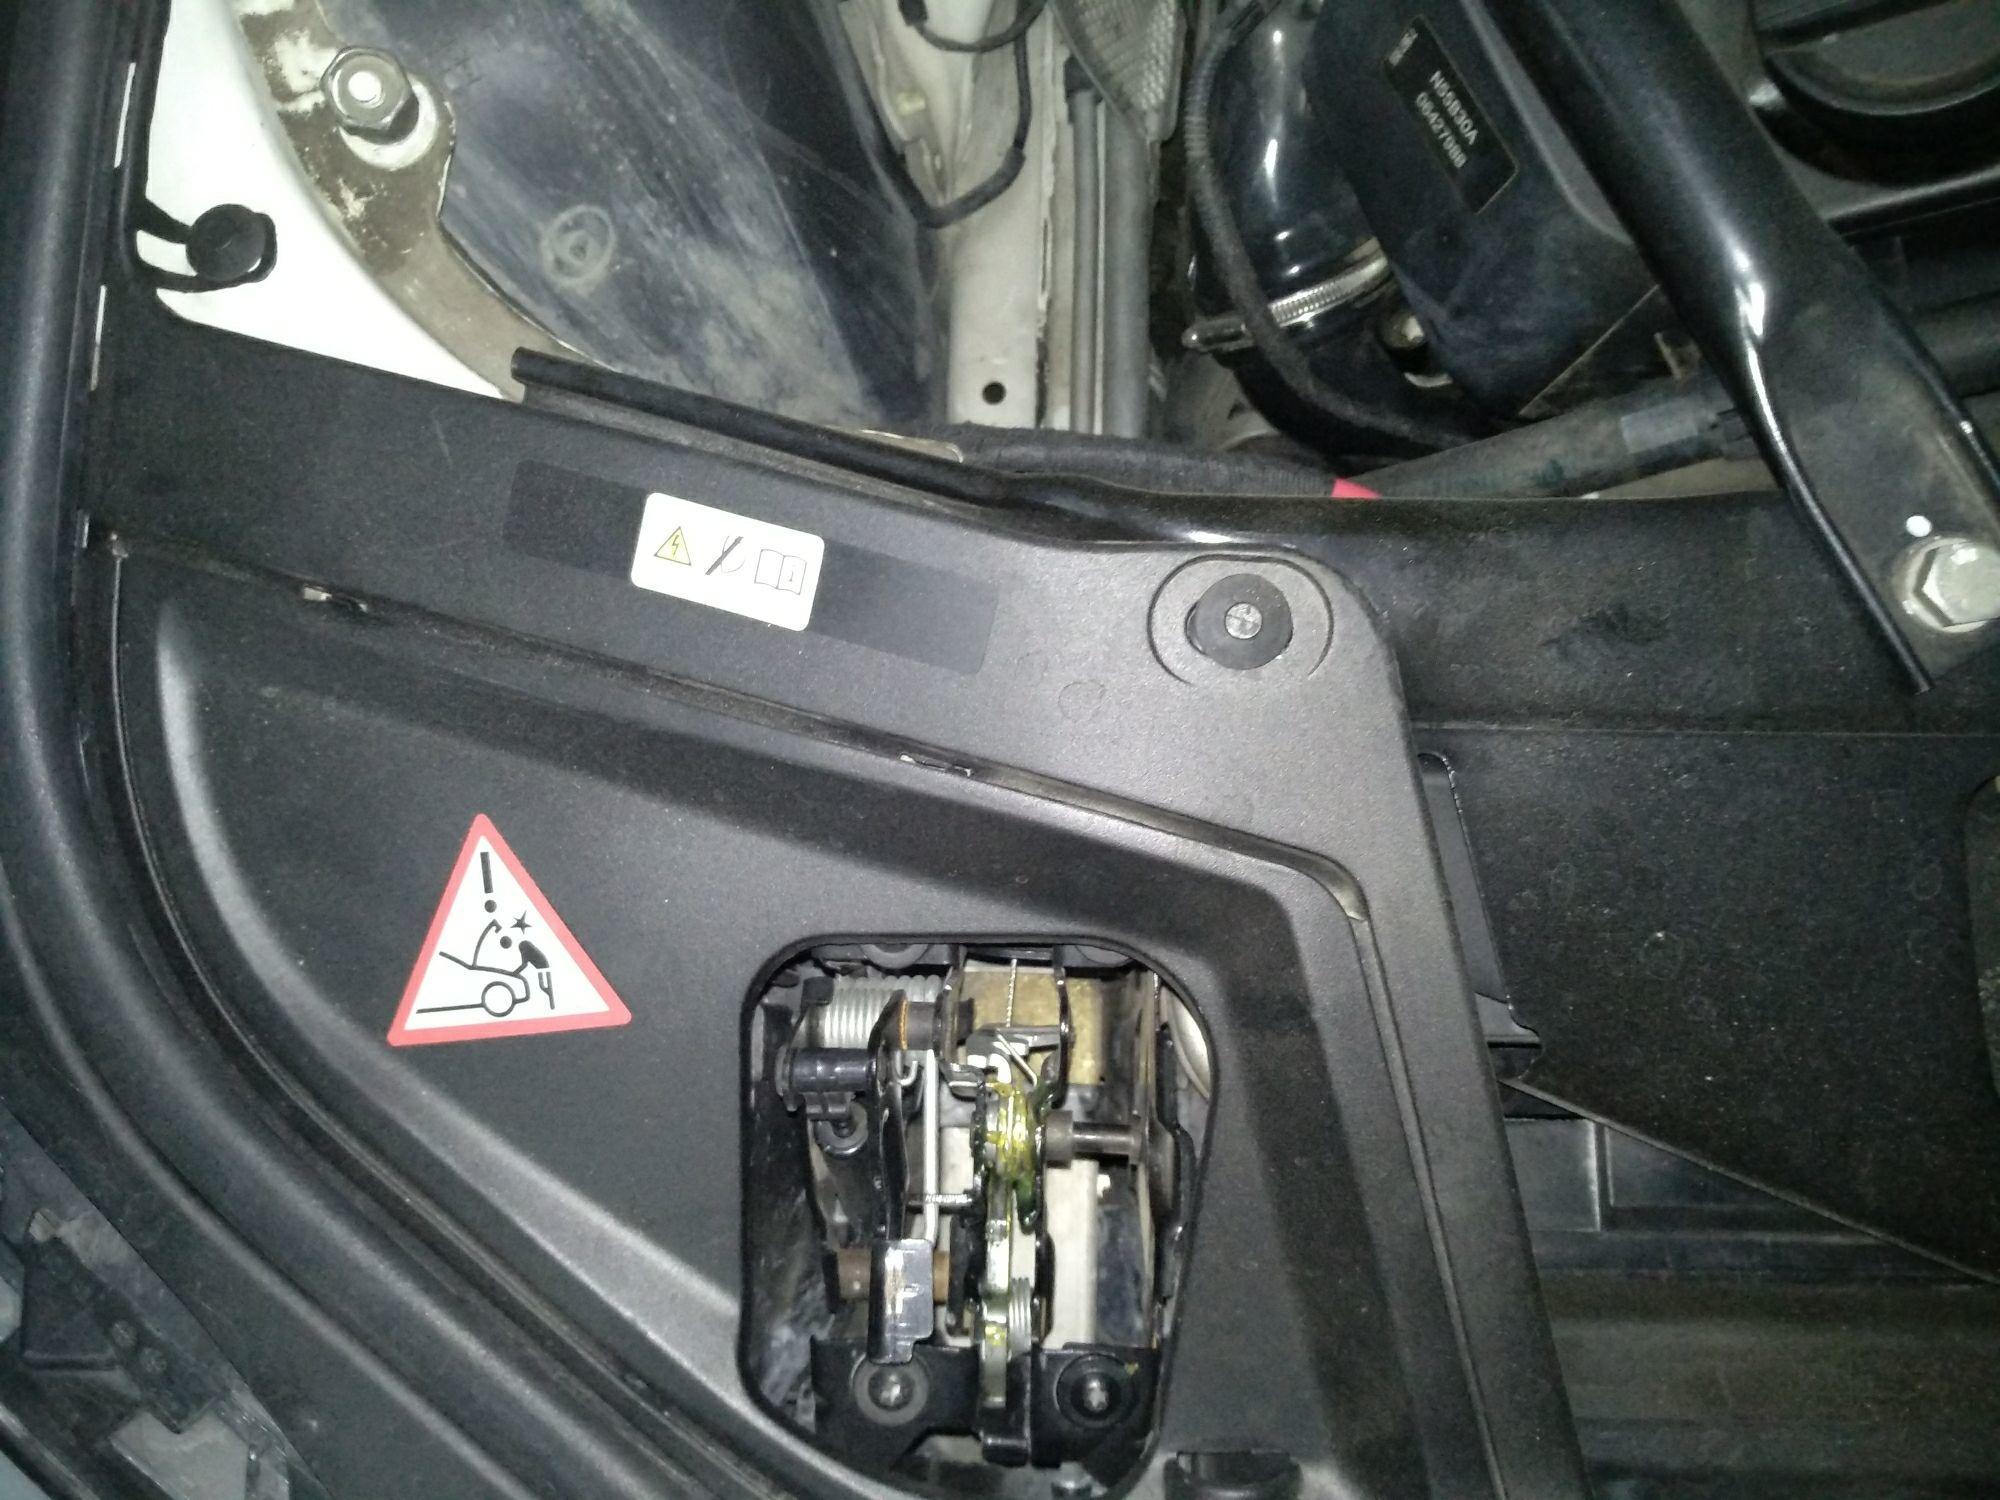 上海二手宝马宝马5系 > 宝马5系 2012  车头轻微的碰撞会导致水箱